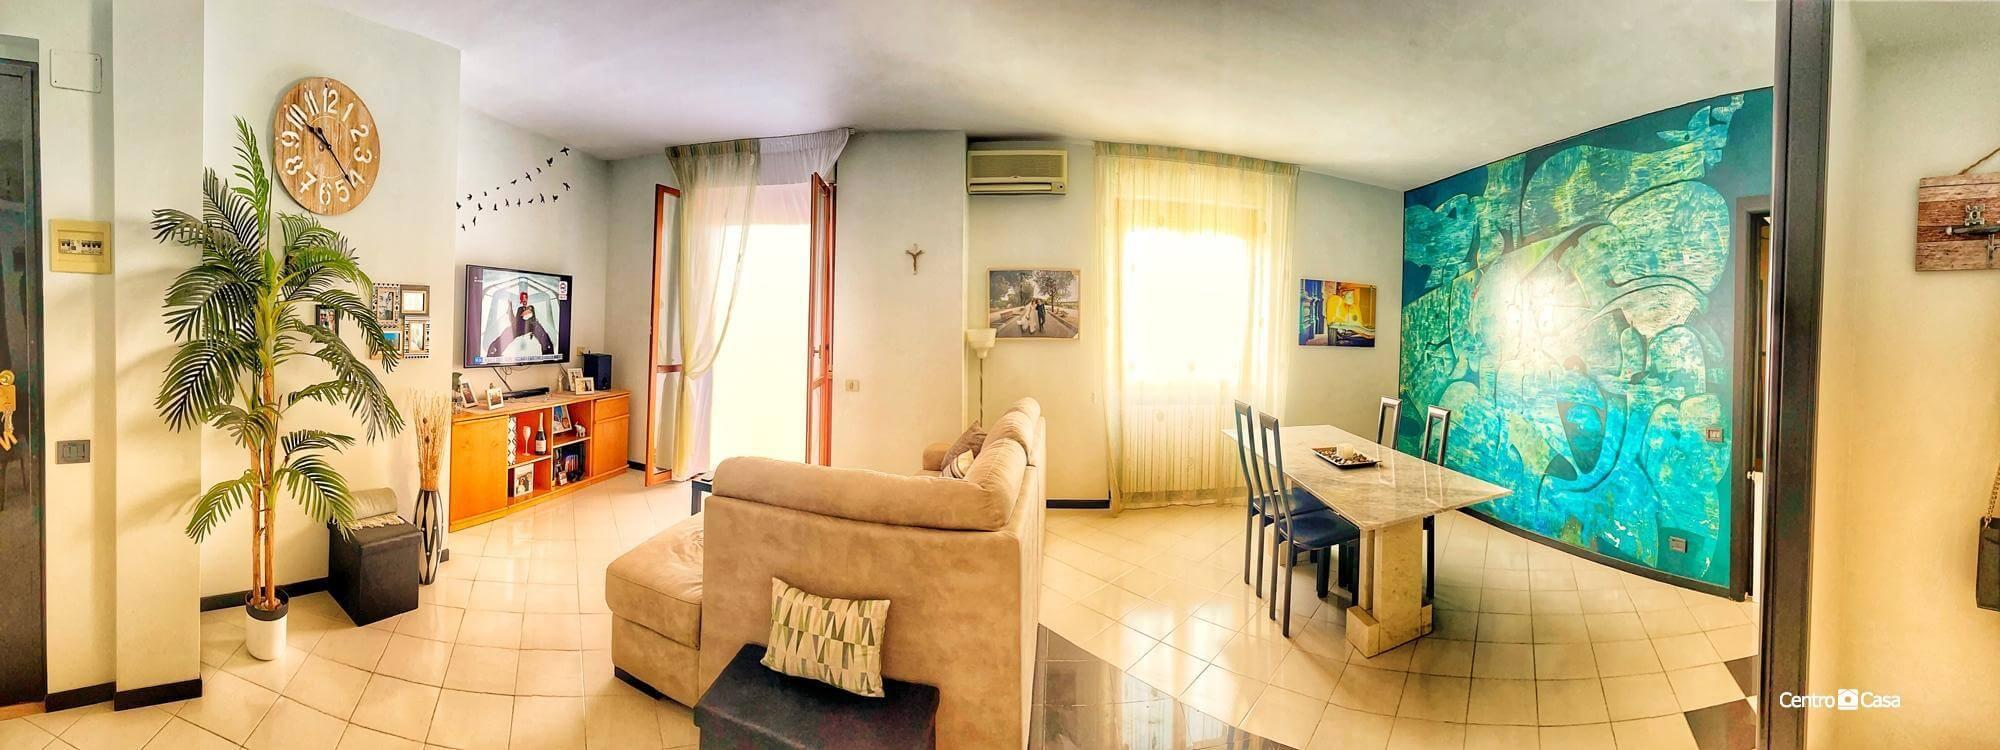 Appartamento via Michelangelo